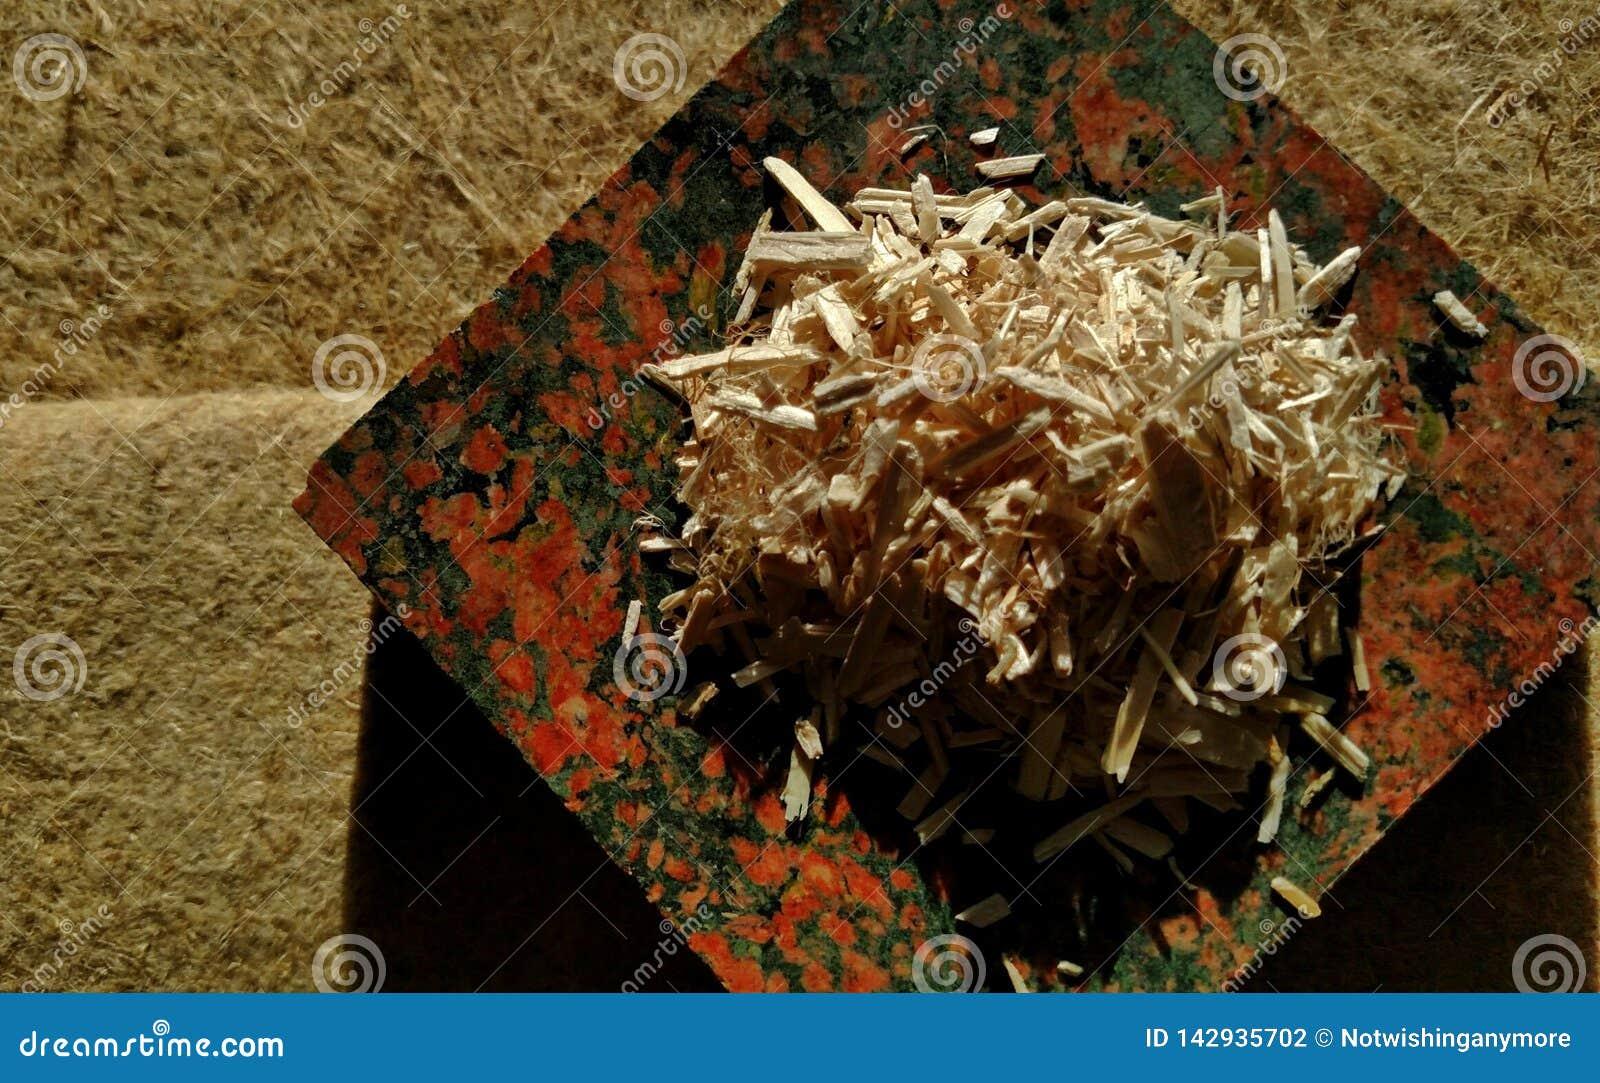 Le chanvre cru Shiv a servi sur la fibre crue de chanvre